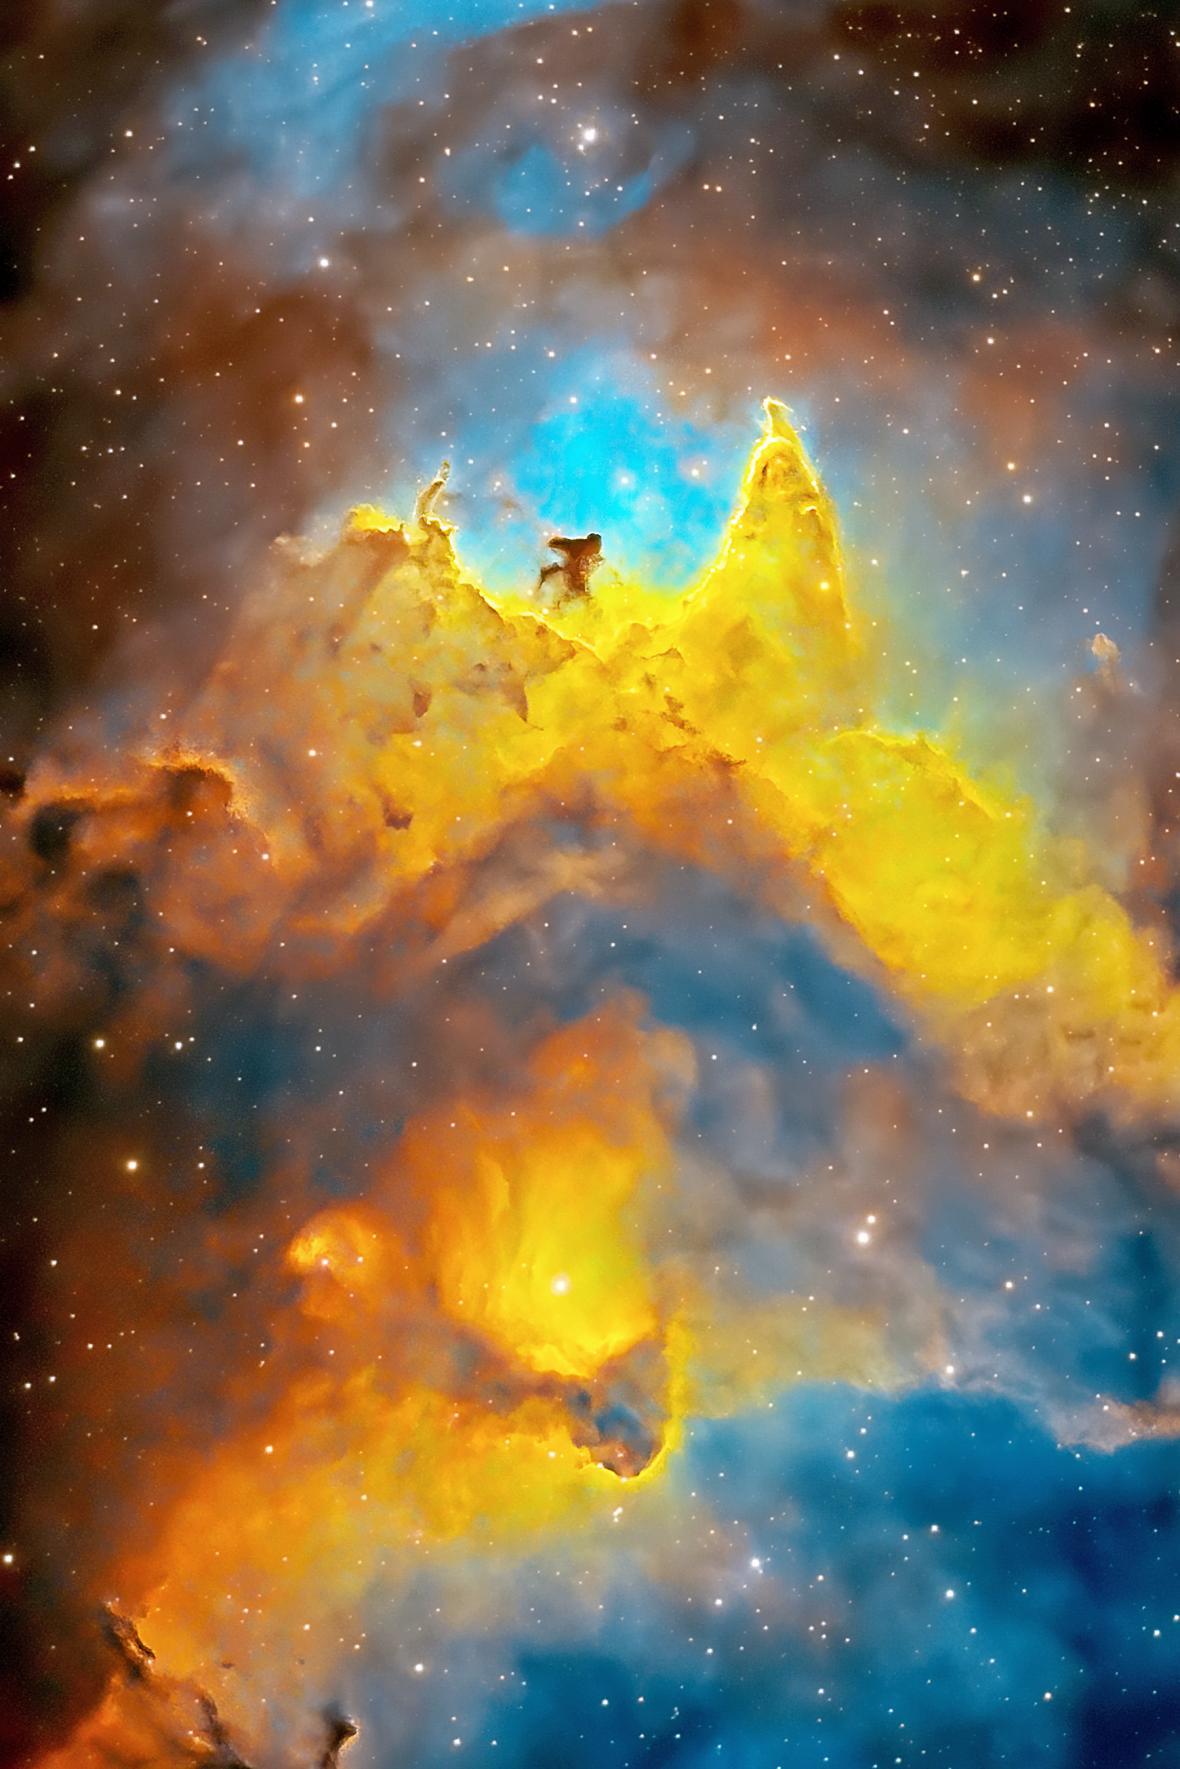 O φωτογράφος προσπάθησε επί 14 ώρες να καταγράψει τις καλύτερες δυνατές εικόνες του Νεφελώματος Ψυχή που έλαβε αυτή την ονομασία λόγω του σχήματος του. Βρίσκεται στον αστερισμό της Κασσιόπης. Σε απόσταση περίπου 6.500 έτη φωτός από την Γη